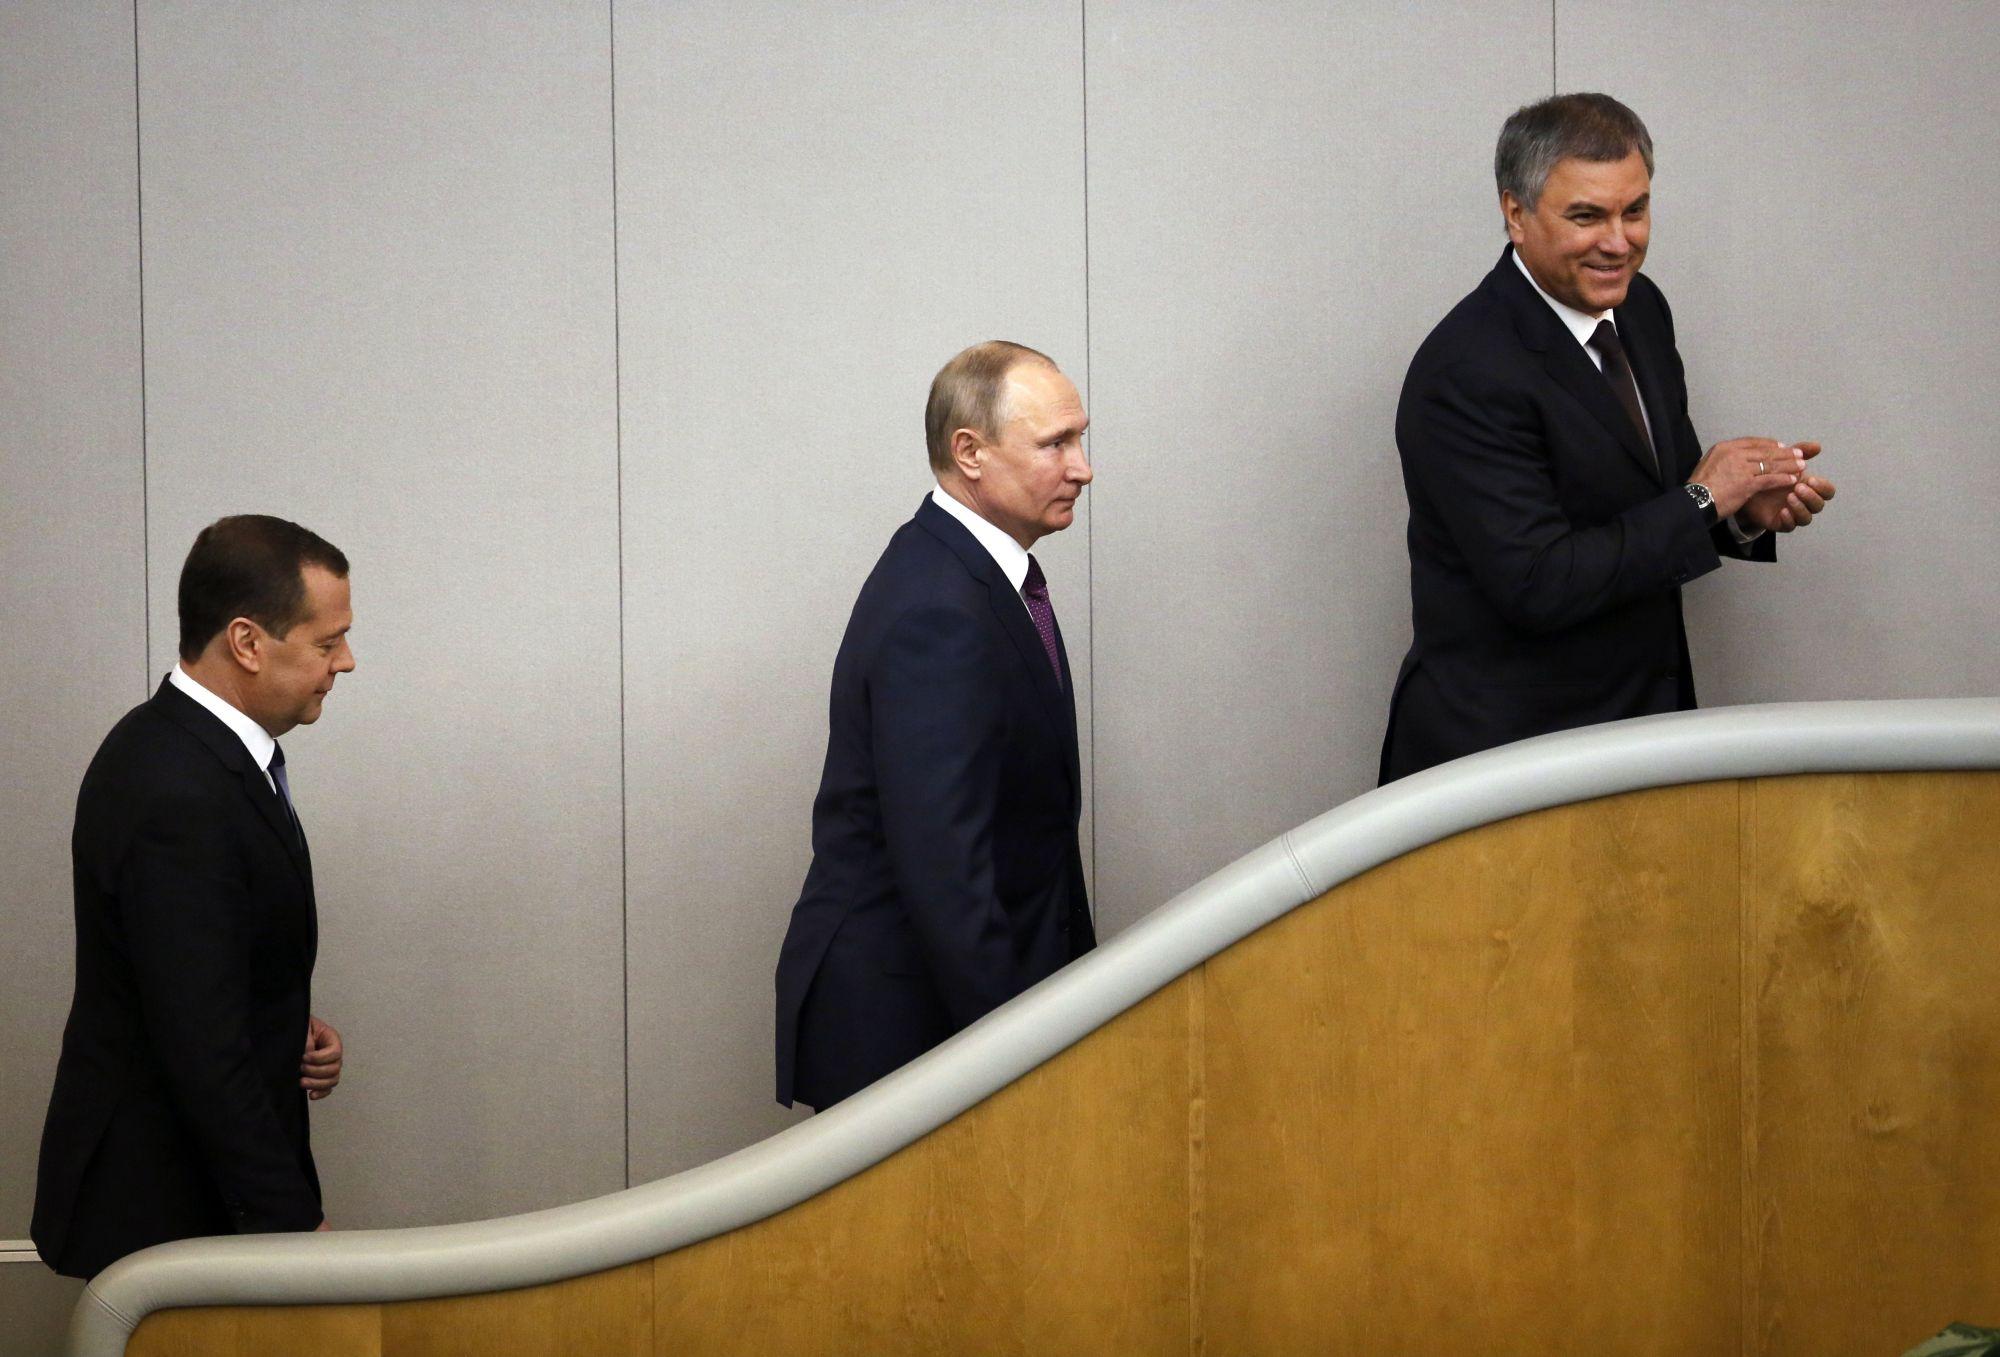 Vlagyimir Putyin orosz elnök (k) és az általa kormányfői posztra jelölt Dmitrij Medvegyev (b) Vjacseszlav Vologyin házelnök társaságában az orosz parlament alsóháza, az Állami Duma ülésén Moszkvában 2018. május 8-án. (MTI/AP/Alekszandr Zemlianicsenko)